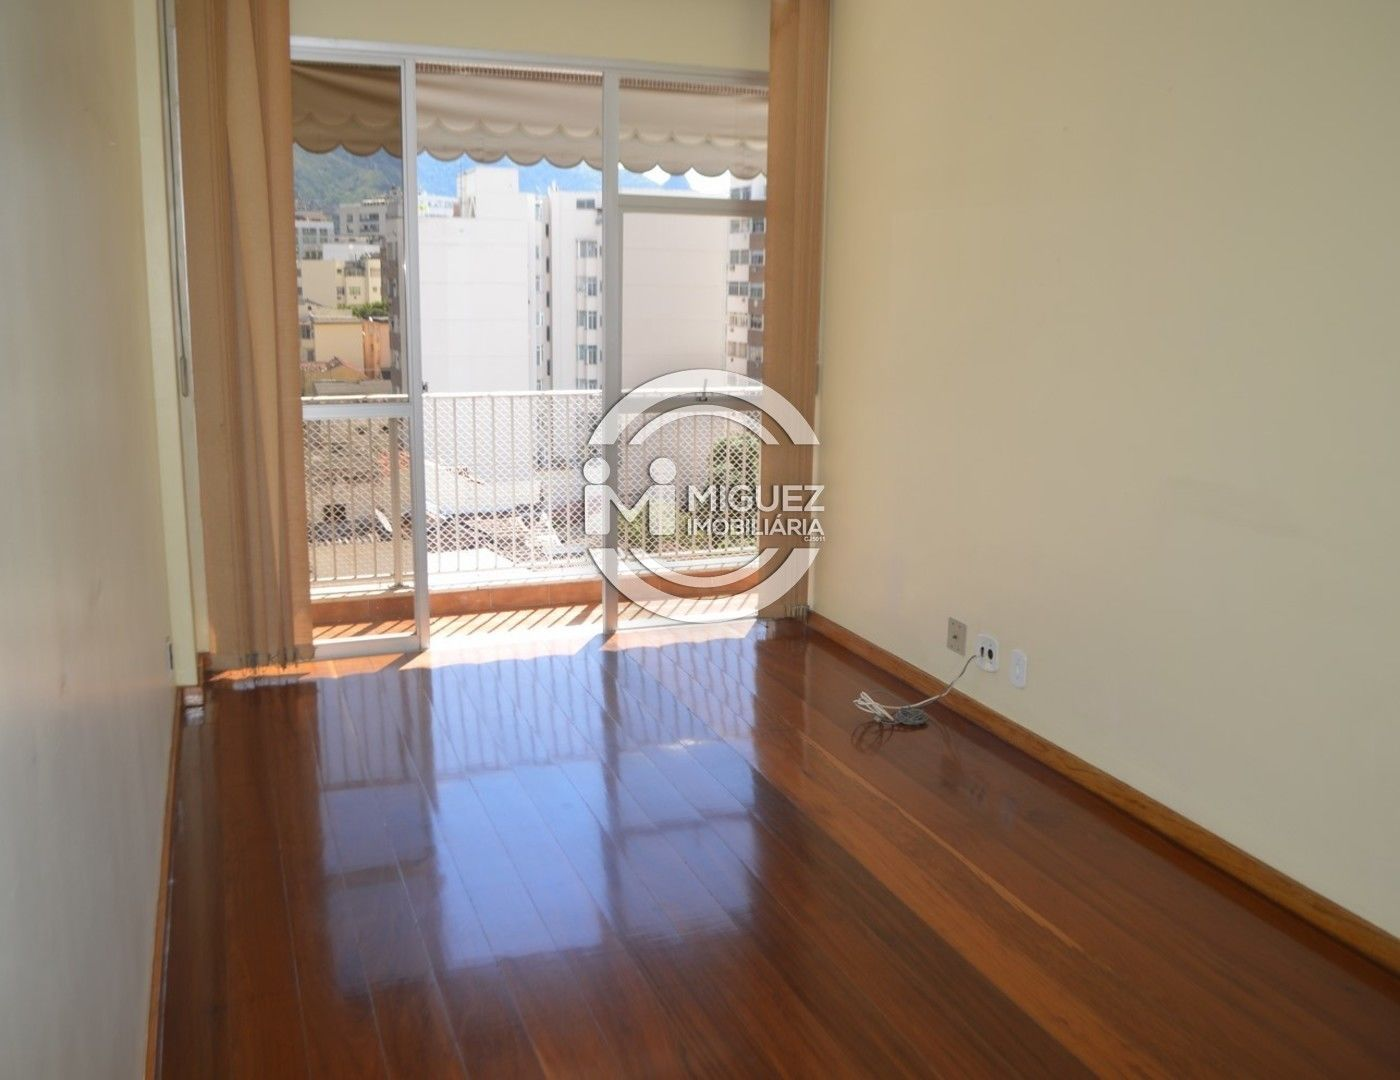 Apartamento, aluguel, Rua Rego Lópes - Tijuca , Rio de janeiro